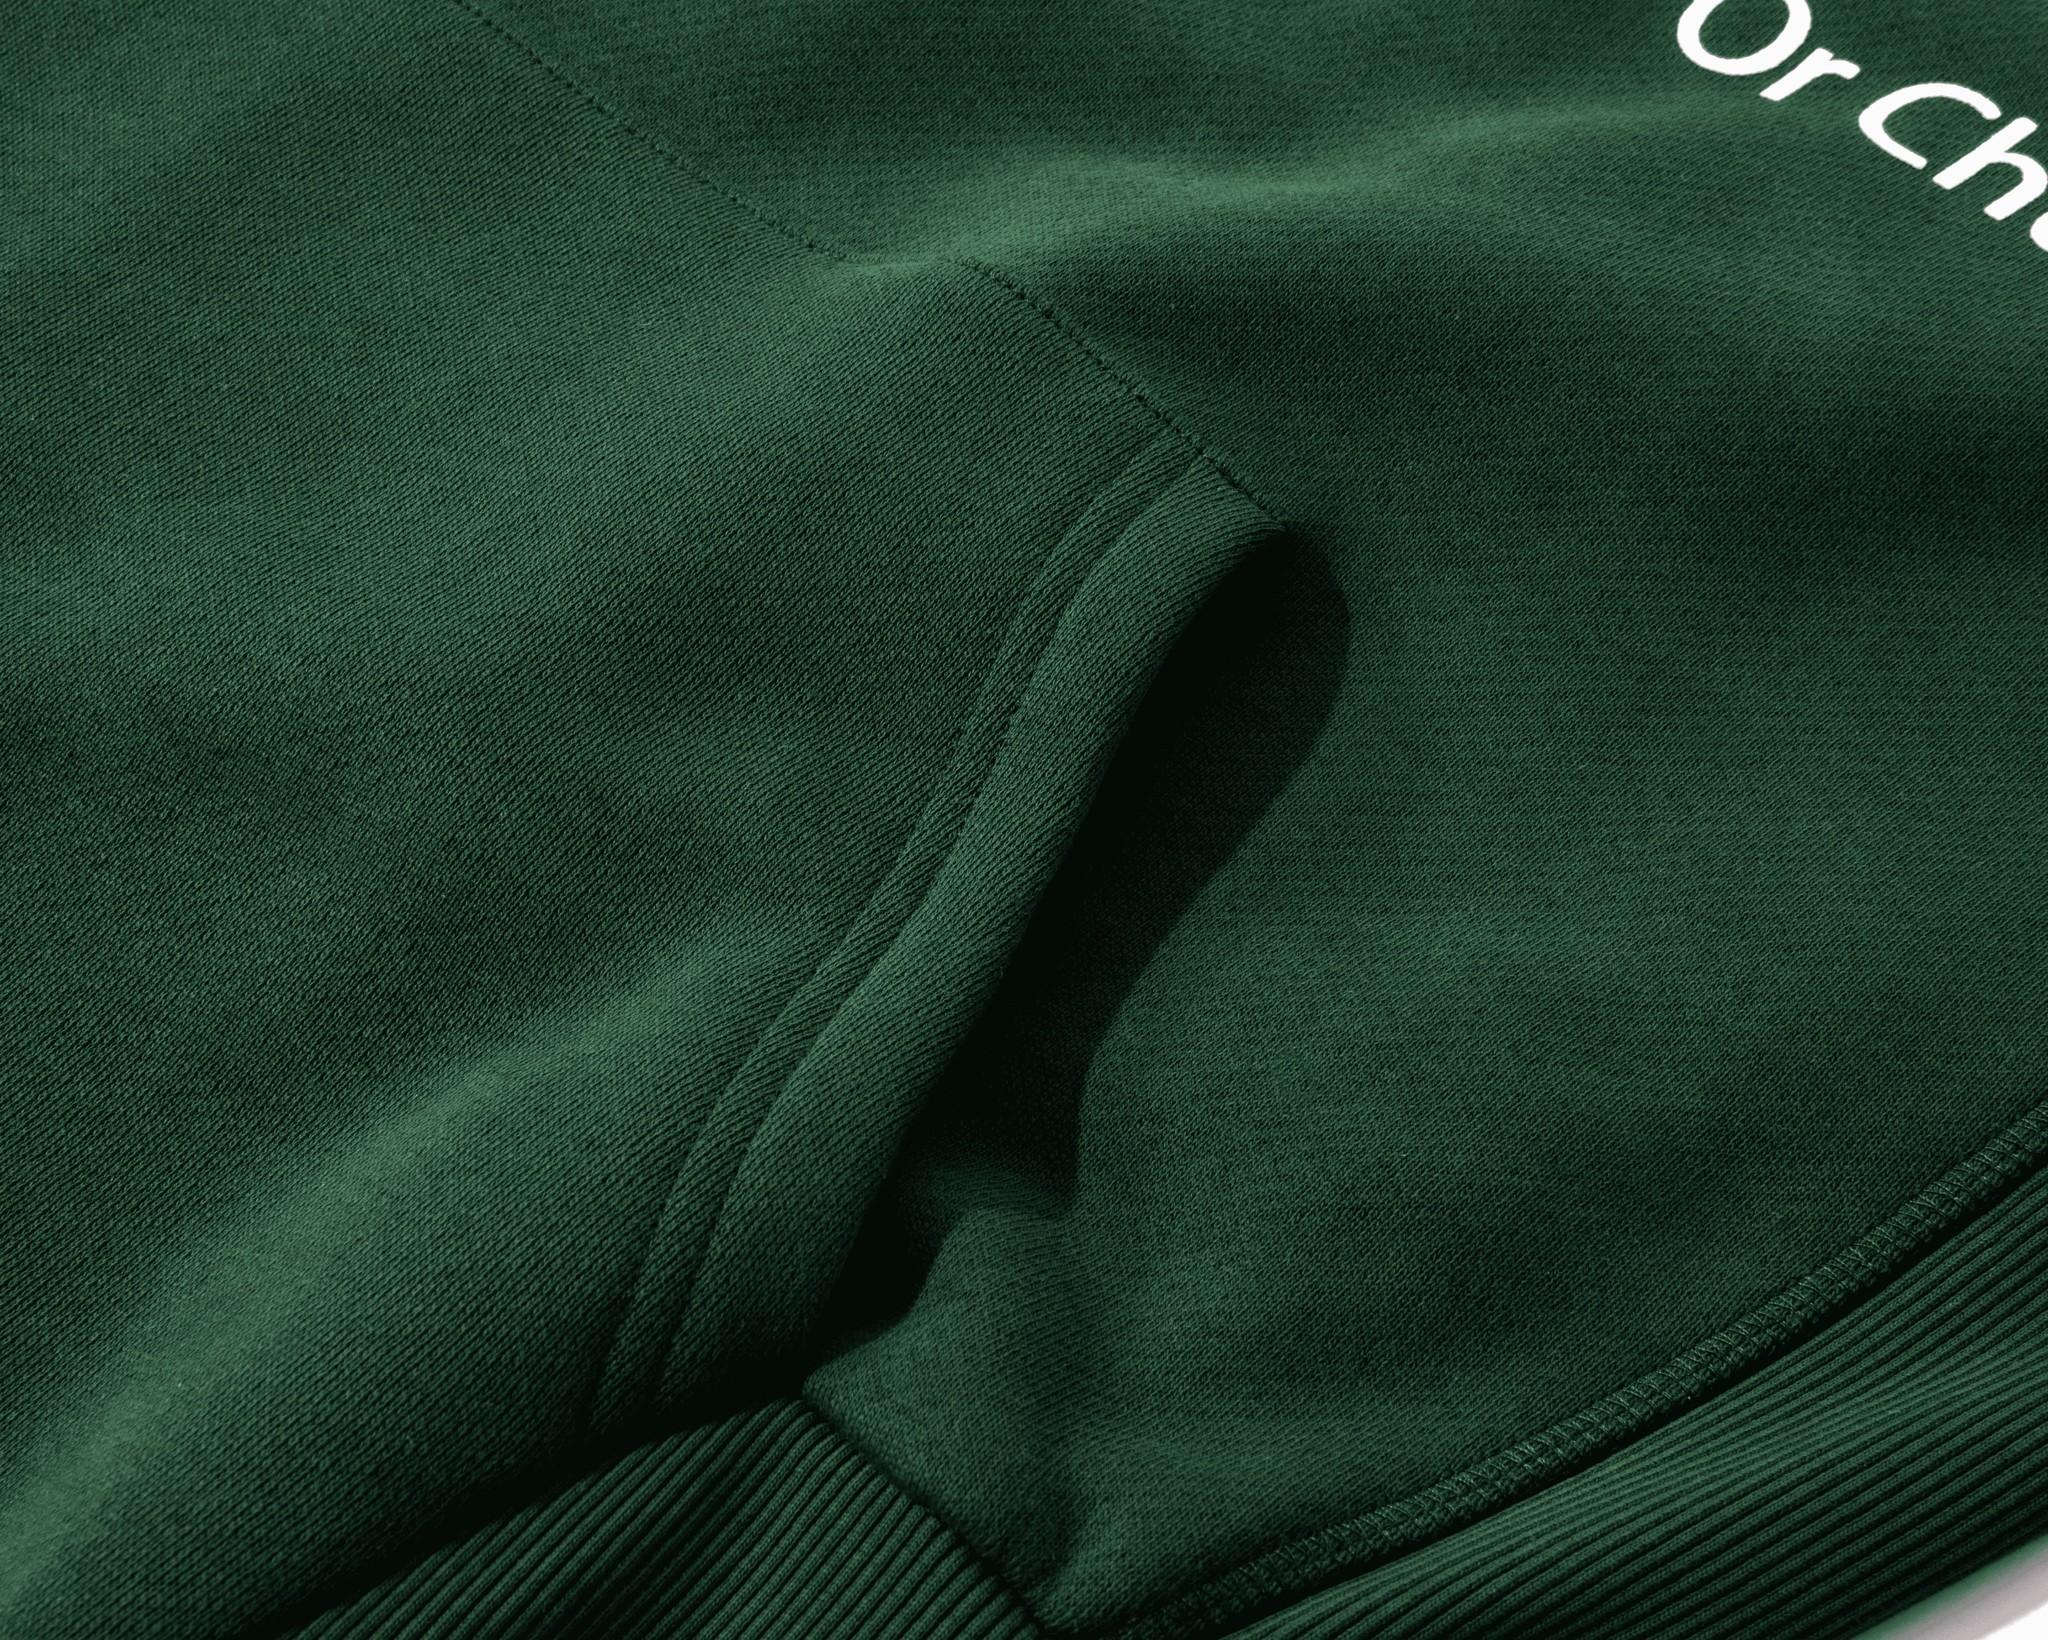 PAL Jock hoody varsity green